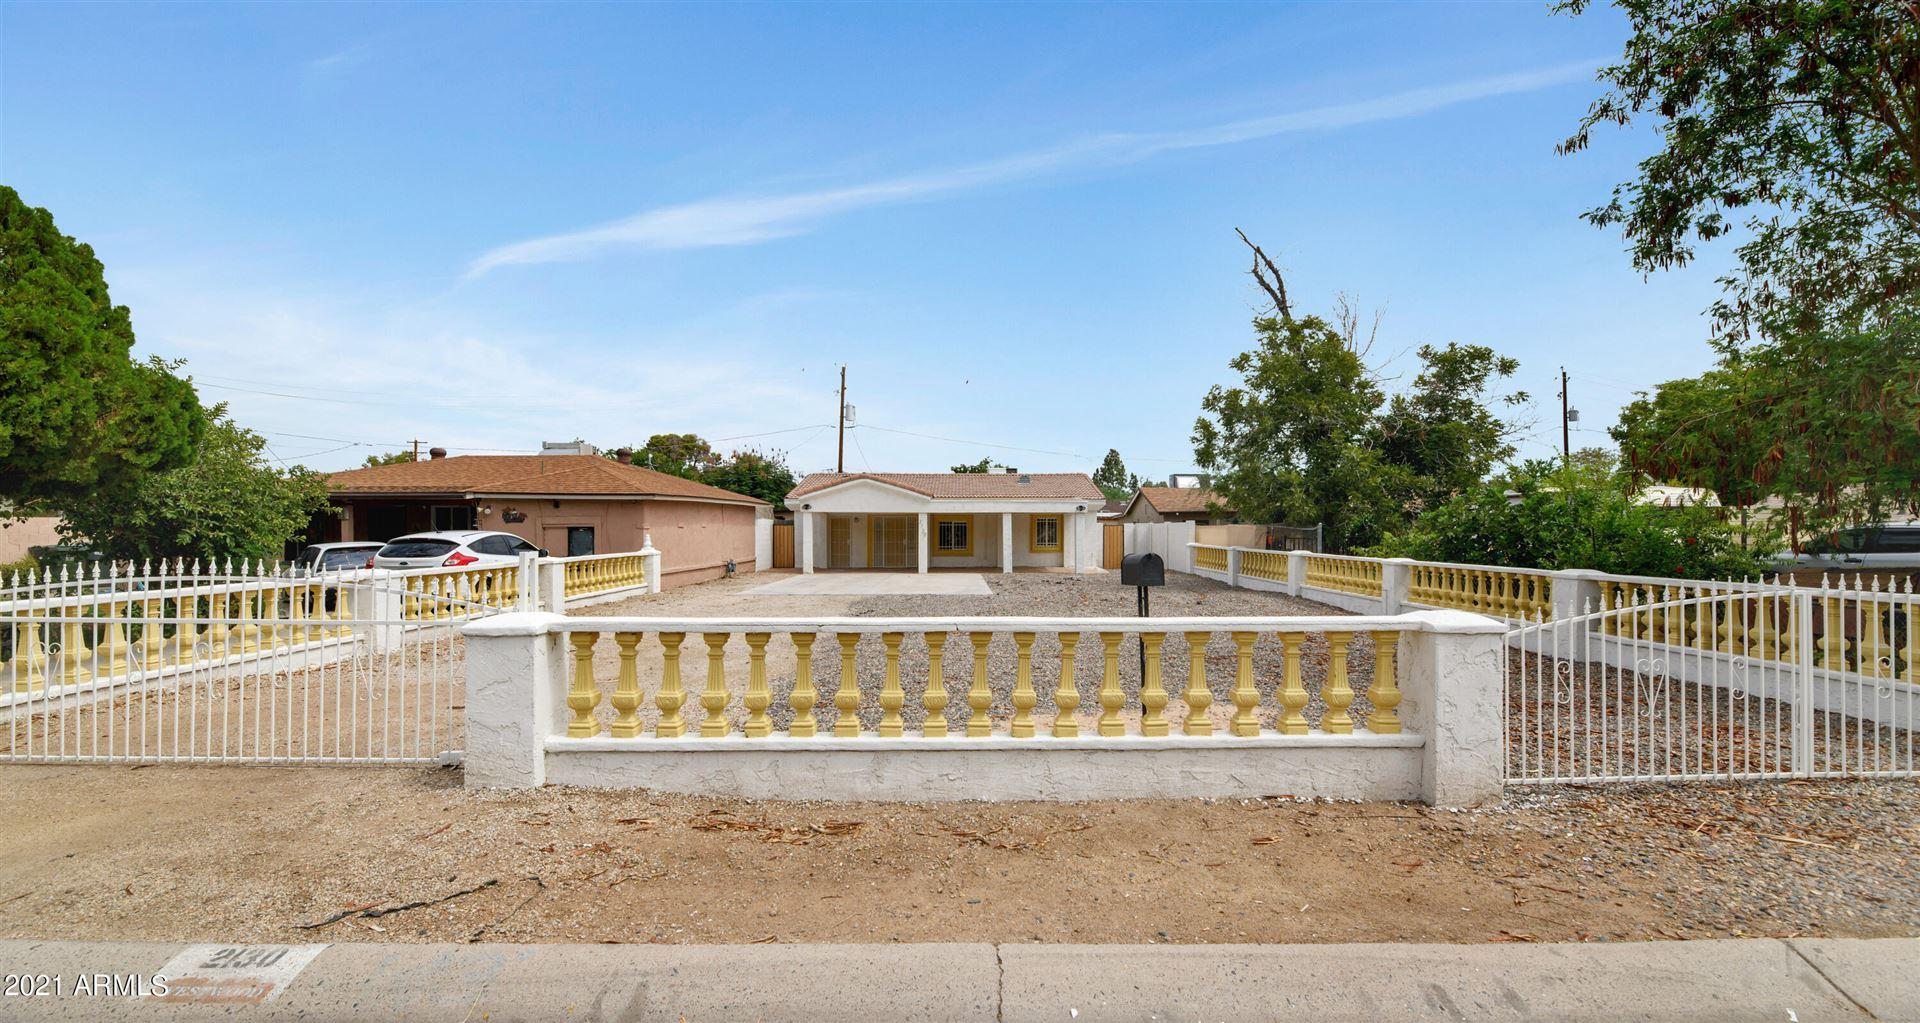 2130 W HIGHLAND Avenue, Phoenix, AZ 85015 - MLS#: 6267031